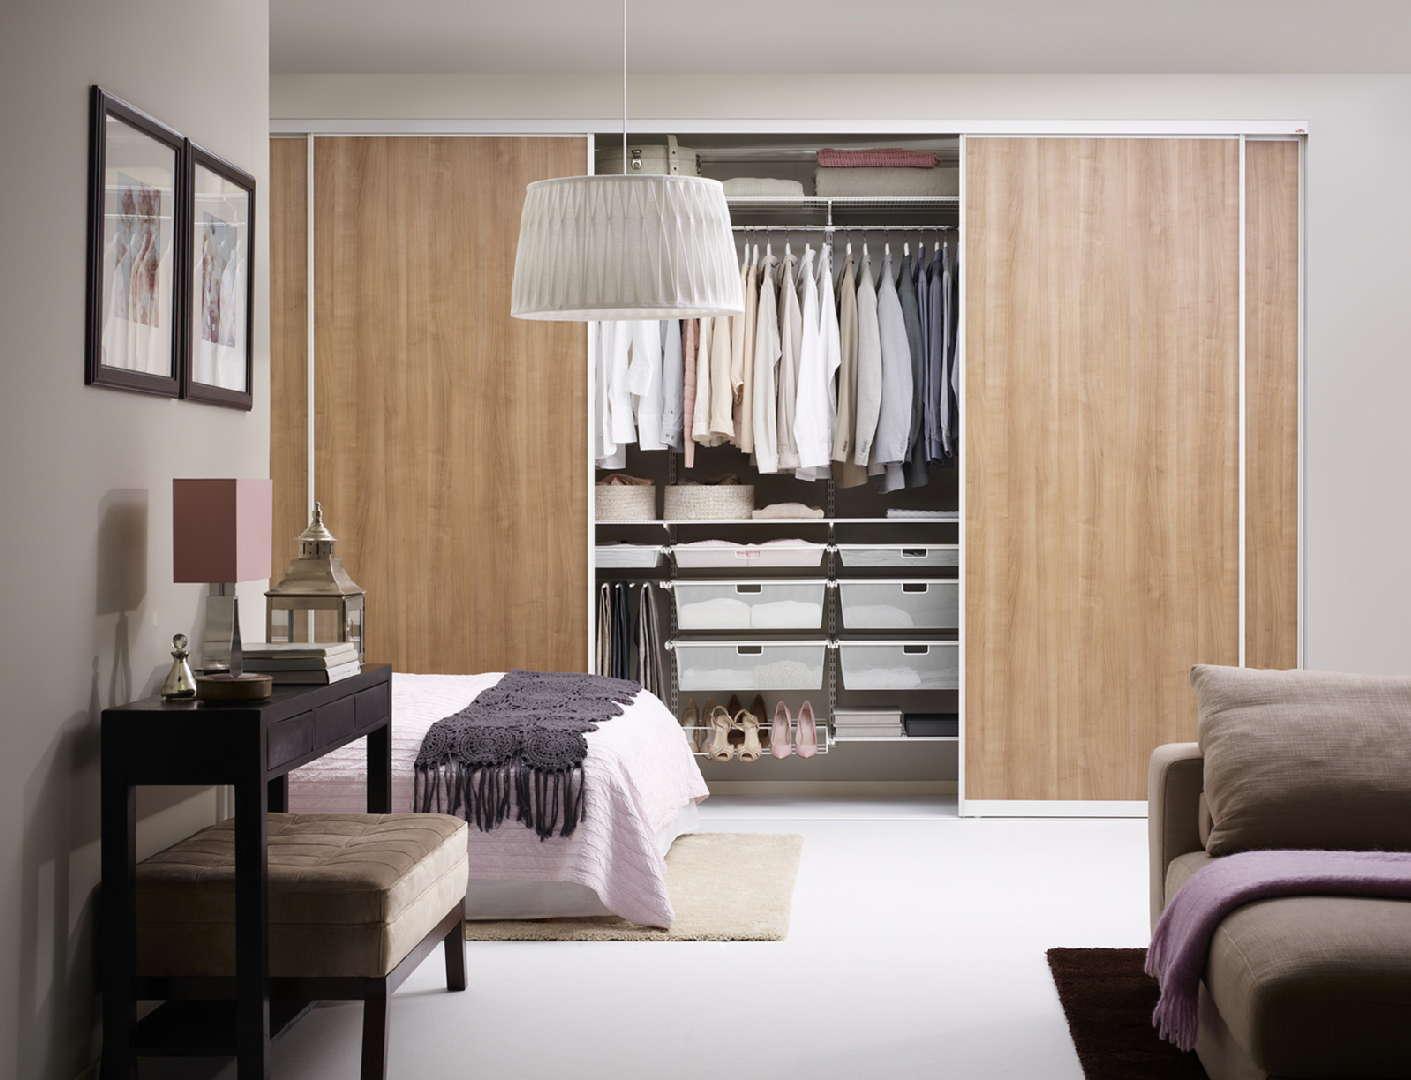 makuuhuone, KonMari, säilytys, vaatekaappi, sisustusideat, sisustusidea